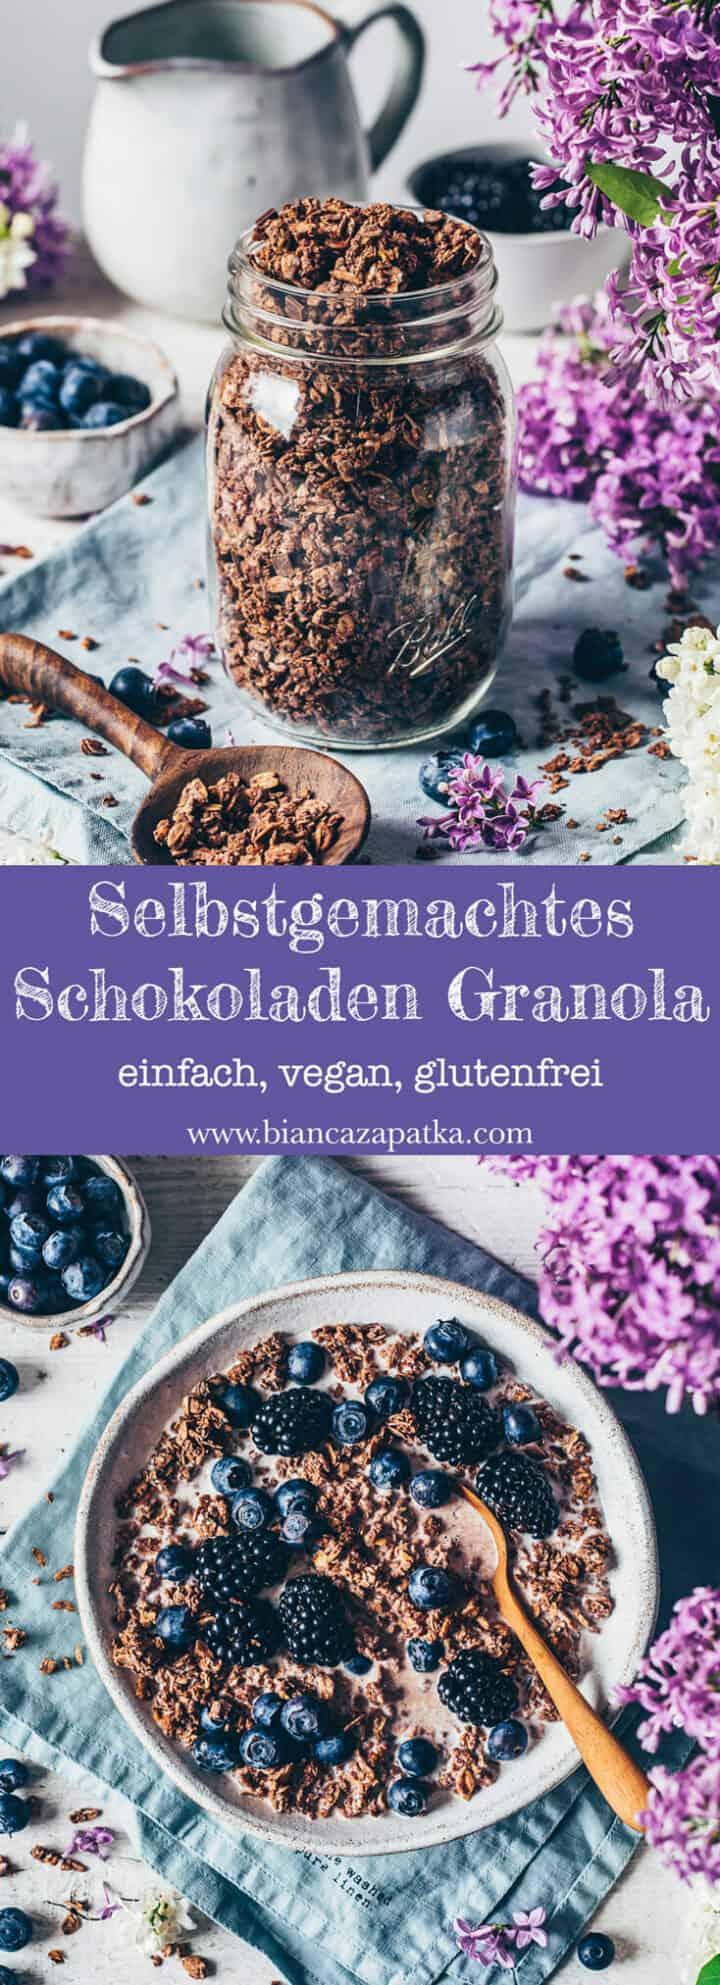 Schokoladen Granola Rezept. Schoko-Granola selbstgemacht. Einfach, schnelles Frühstück, knuspriges Topping. Schoko-Müsli. Vegan, glutenfrei, milchfrei, lecker.